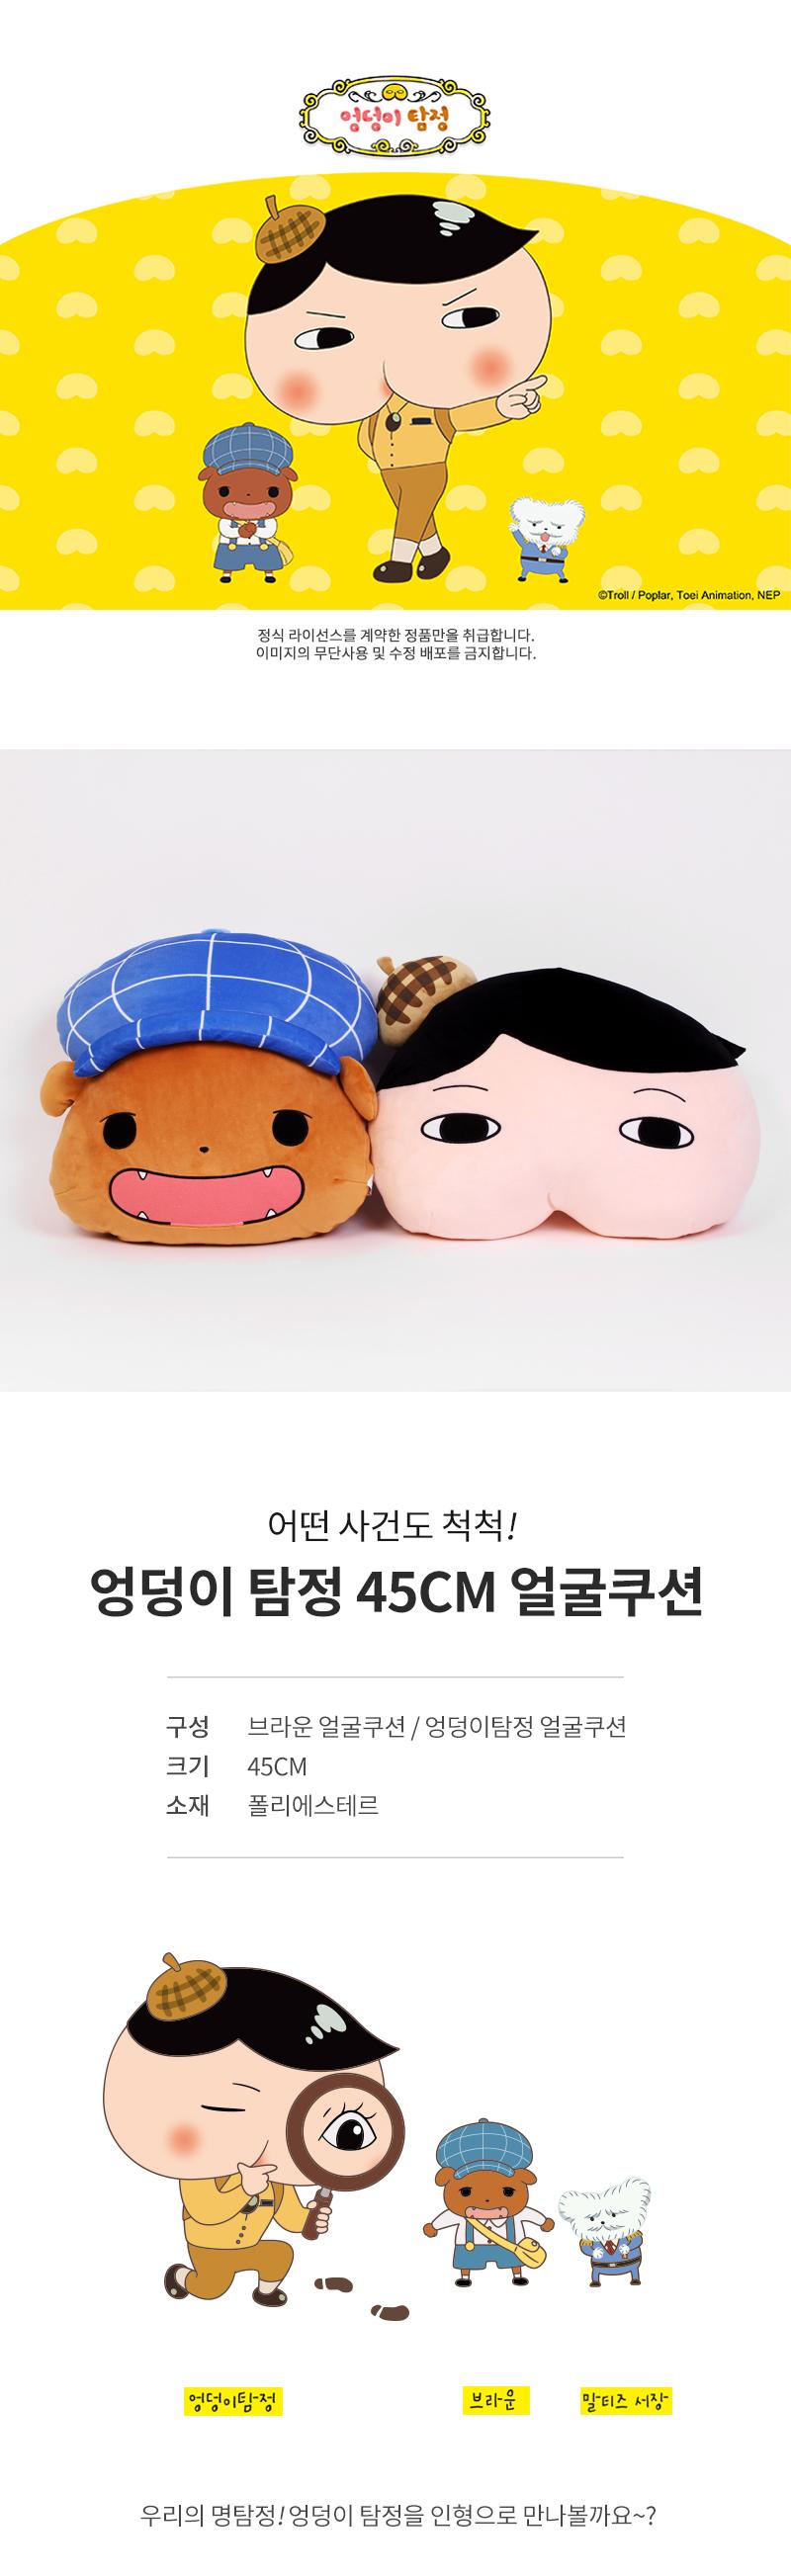 엉덩이탐정쿠션(얼굴) 45CM - (주) 이젠크리에이션, 29,040원, 캐릭터인형, 기타 캐릭터 인형